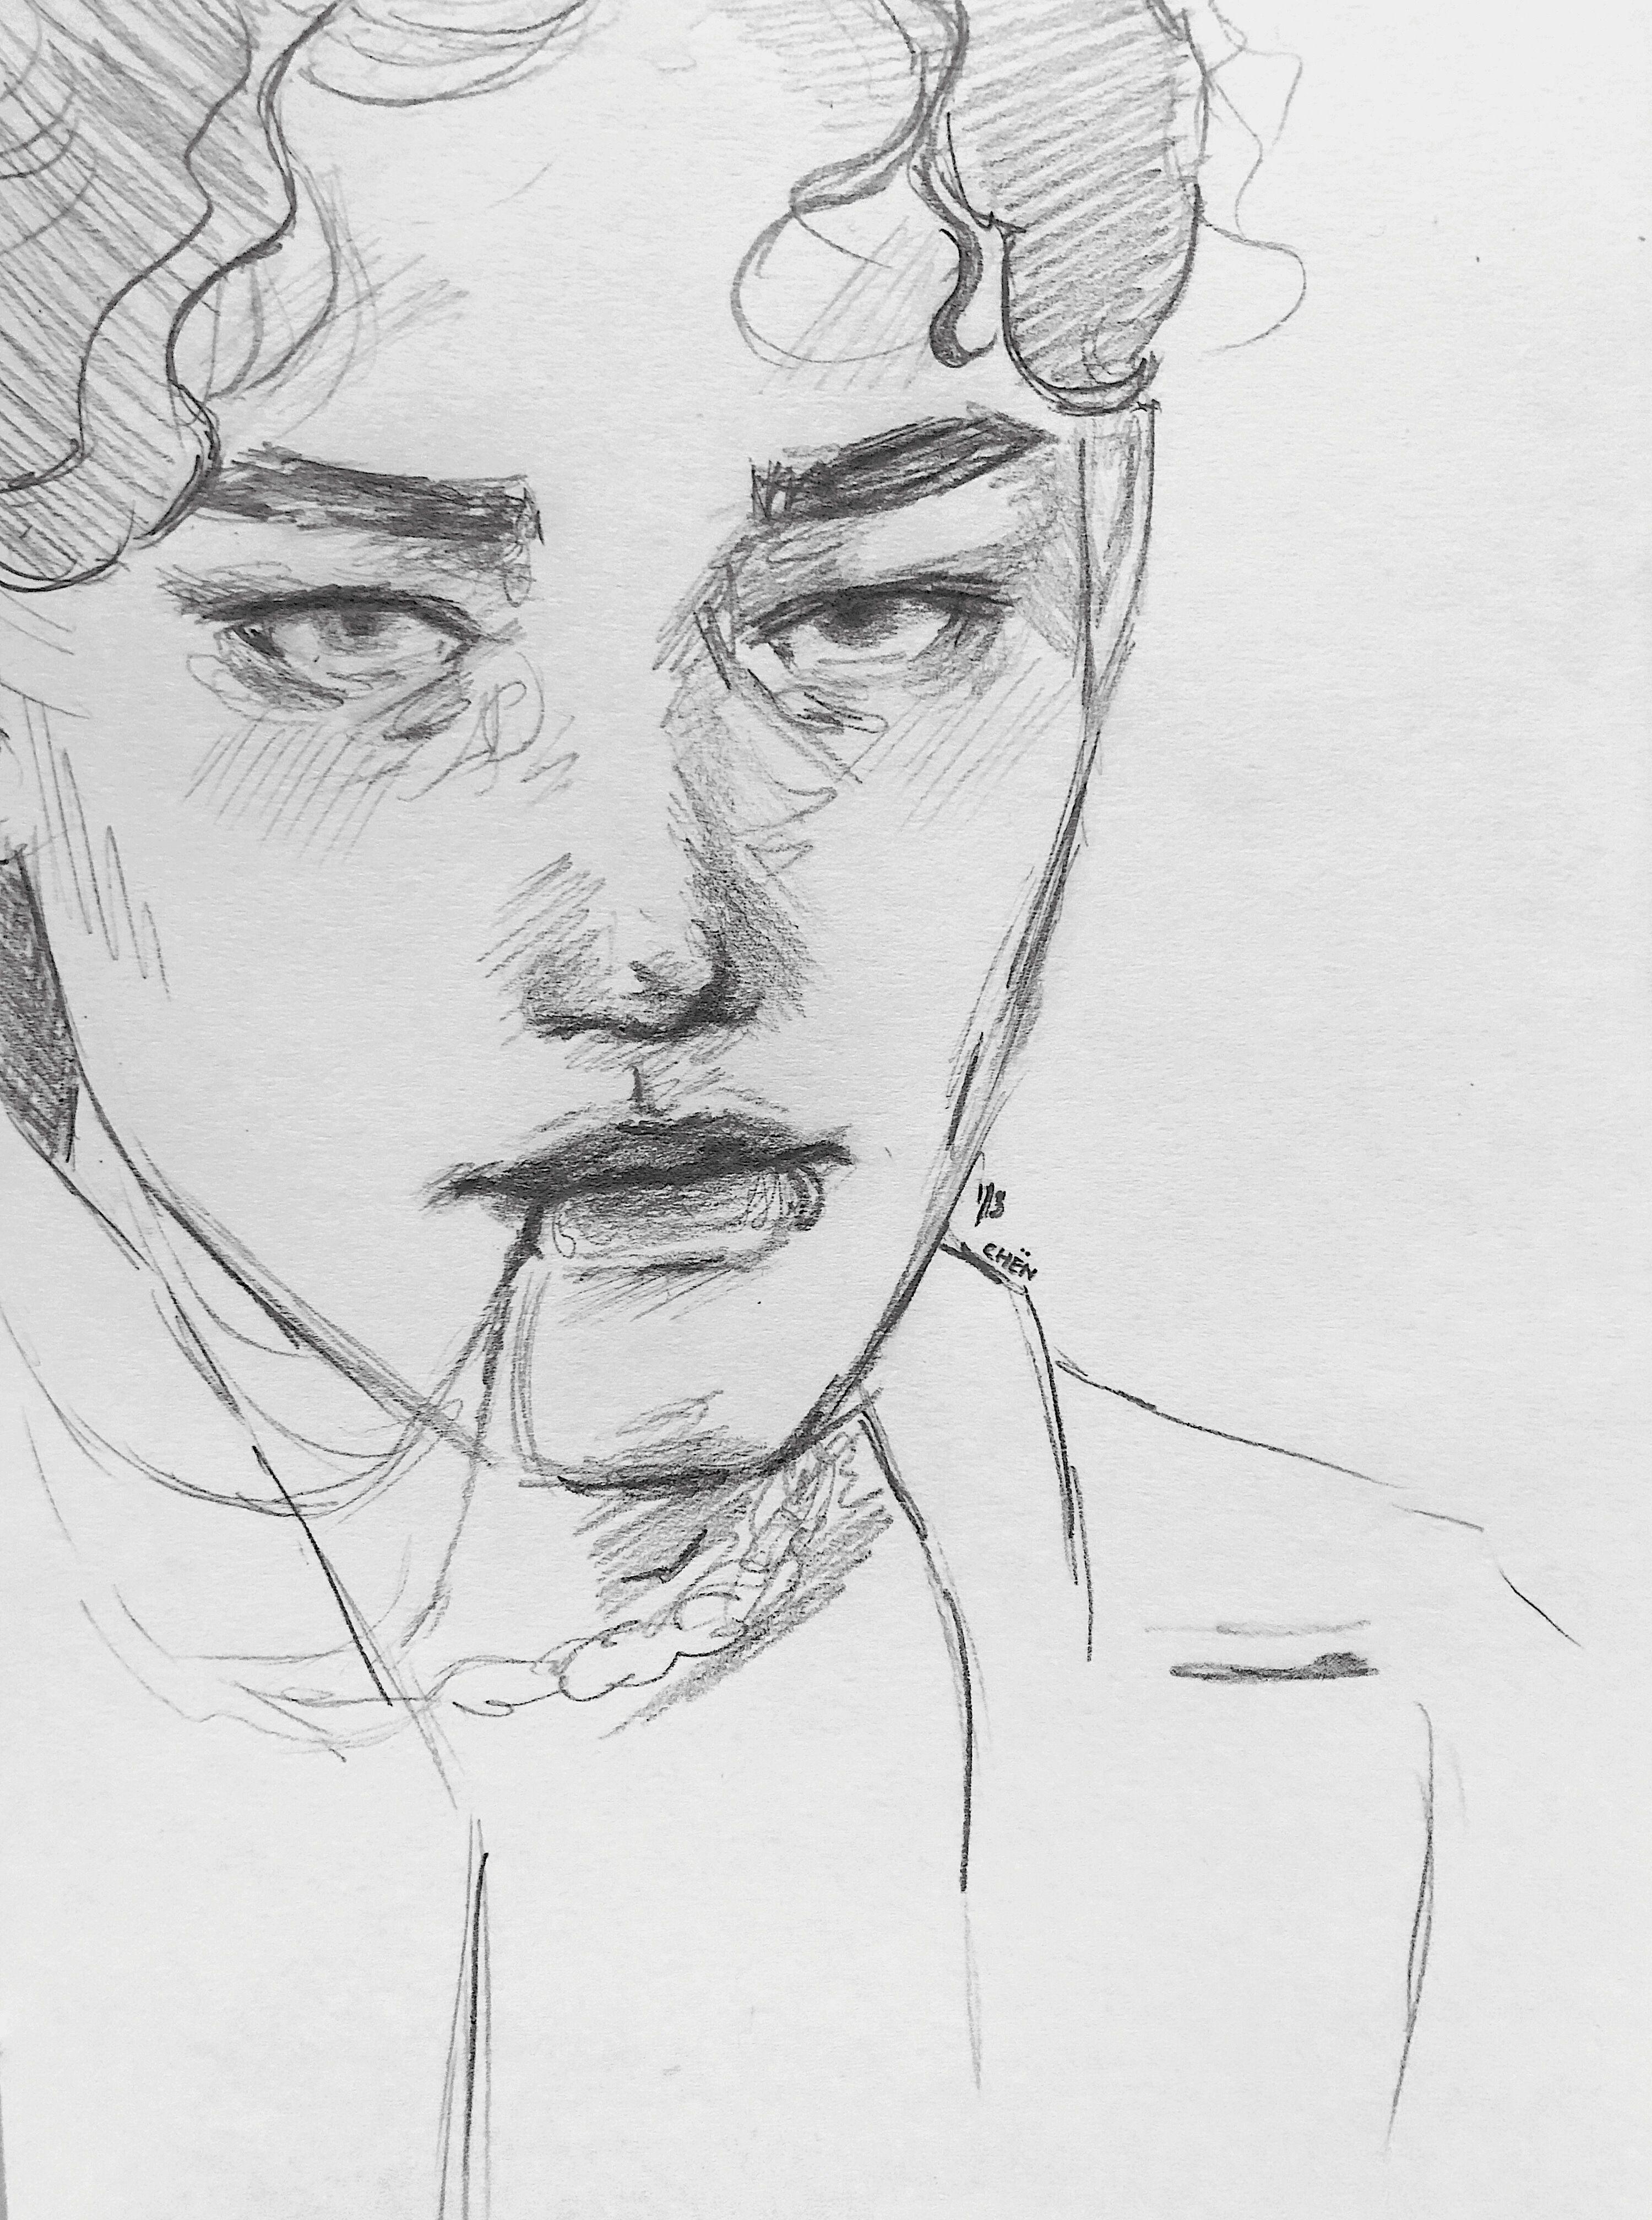 #art #artist #sketch #sketchbook #bw #blackandwhite #aesthetic #exo #exol #exochen #chen #jongdae #kpop #kpopfanart #design #illustration